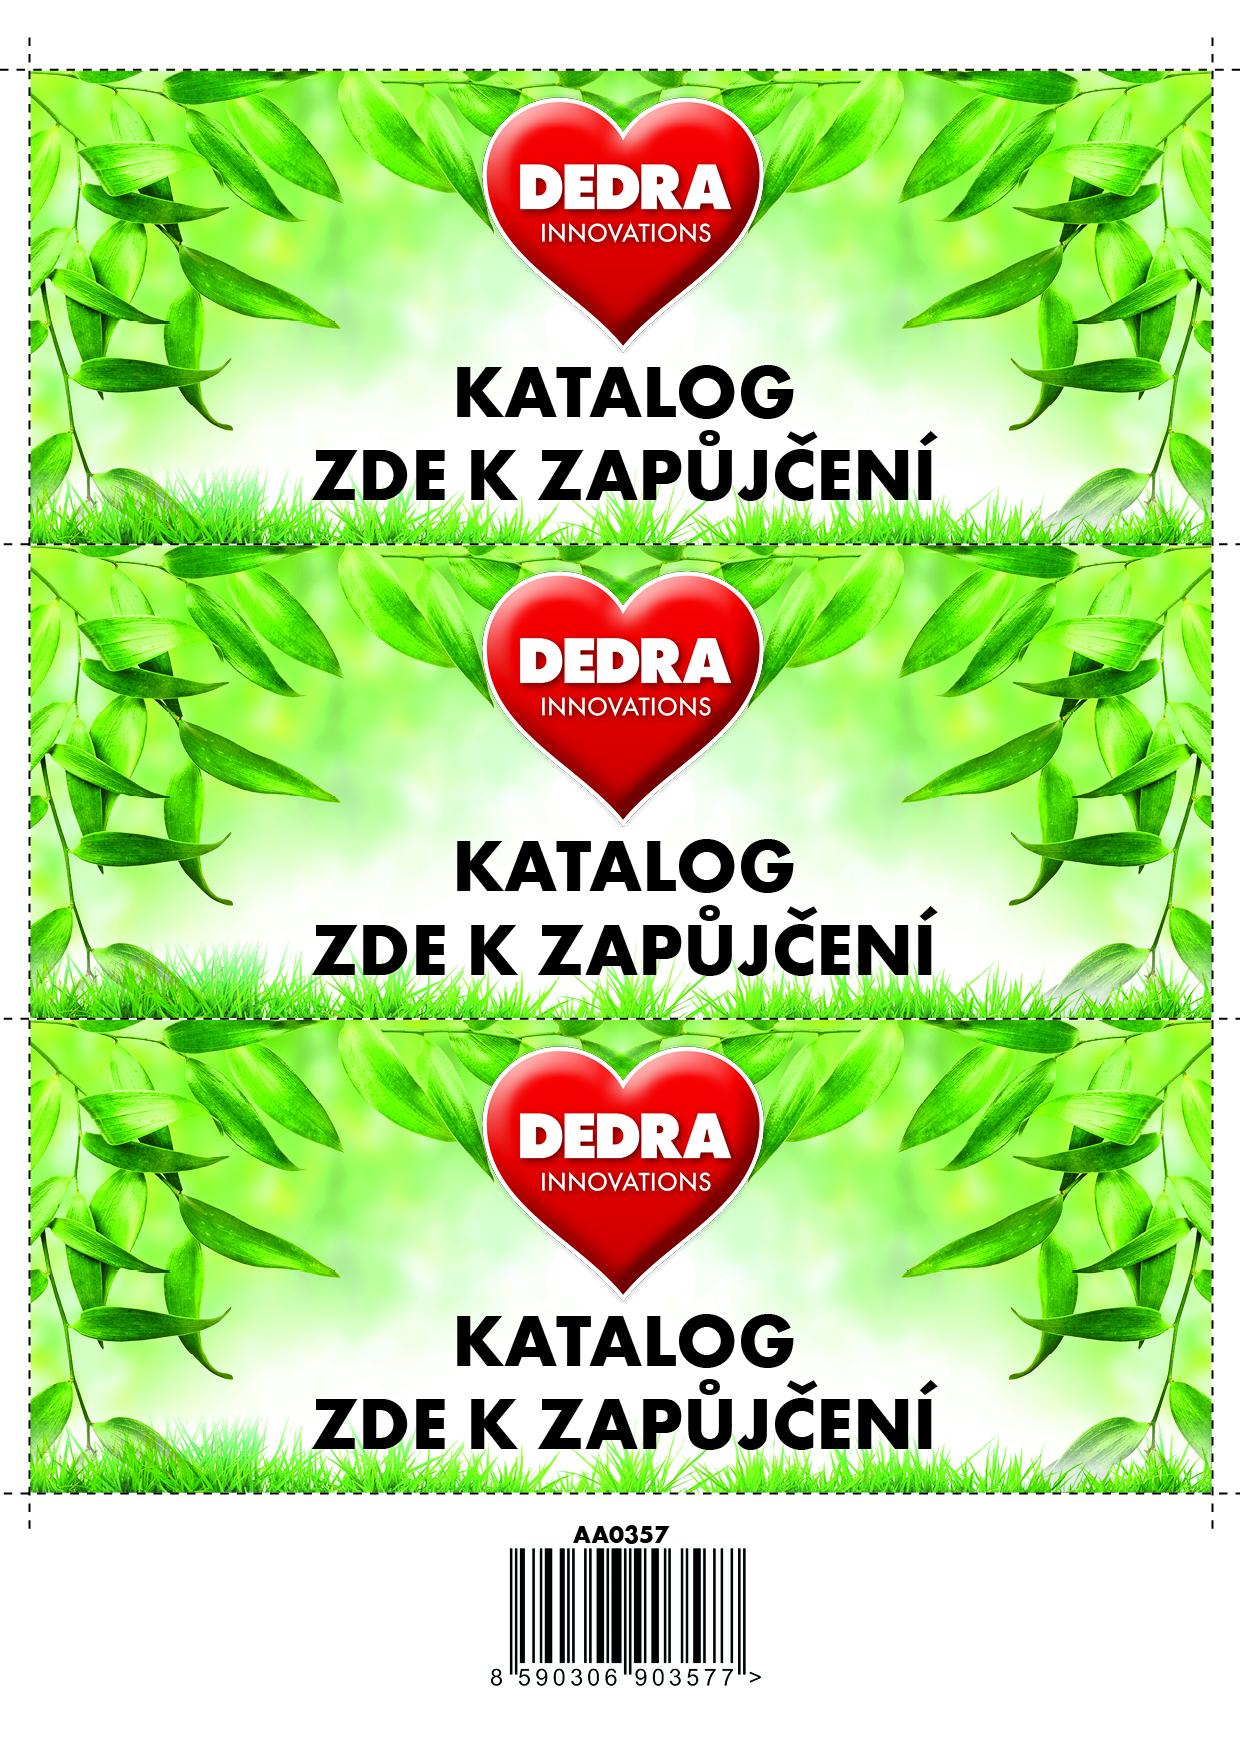 ČR Samolepky katalog zde k zapůjčení